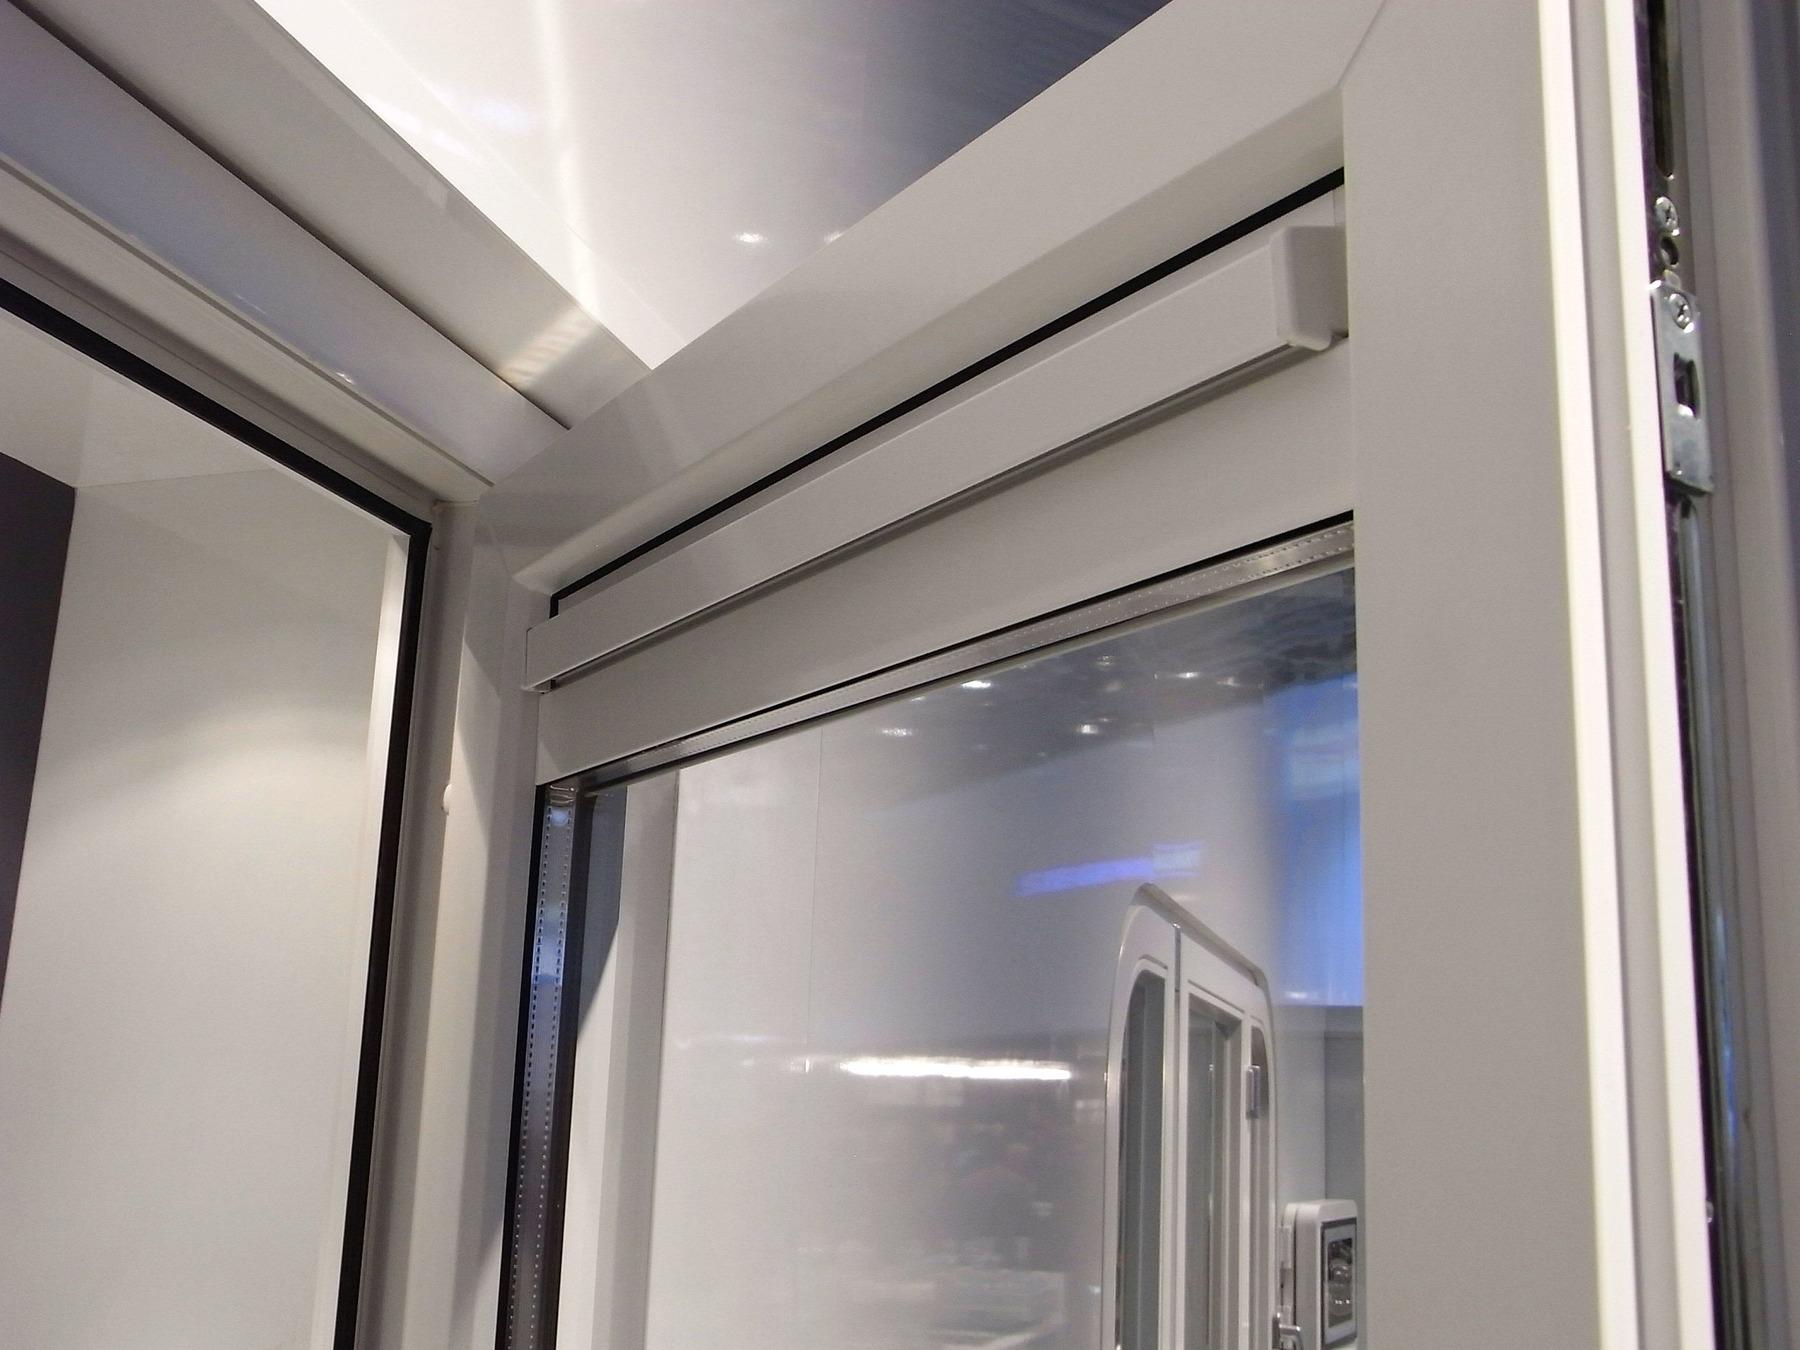 Fenster in bestehenden rahmen einbauen